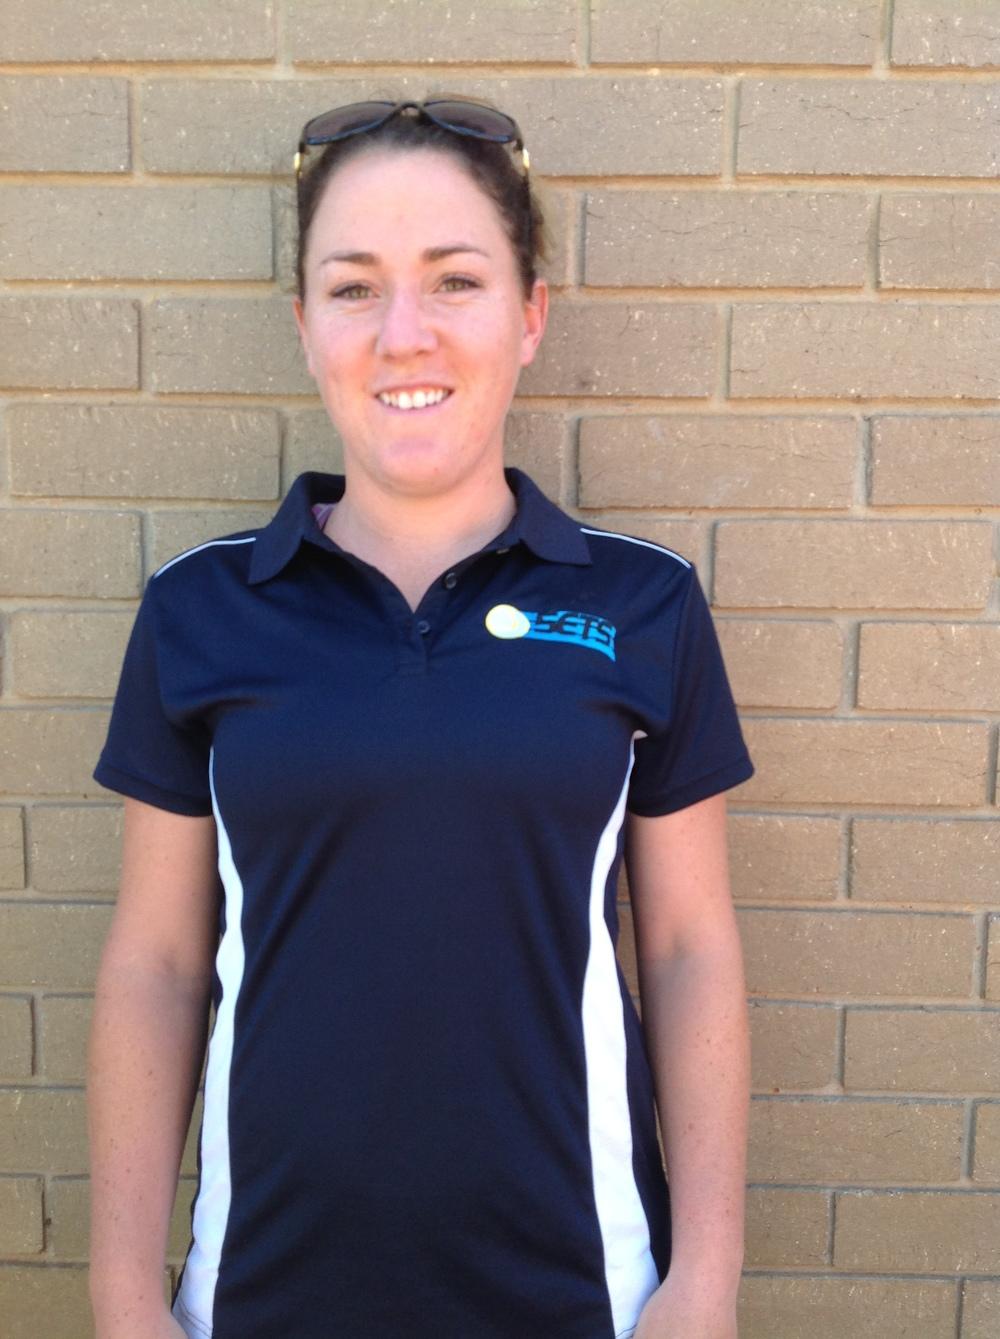 5ETS Head Coach - Jessica O'Meara